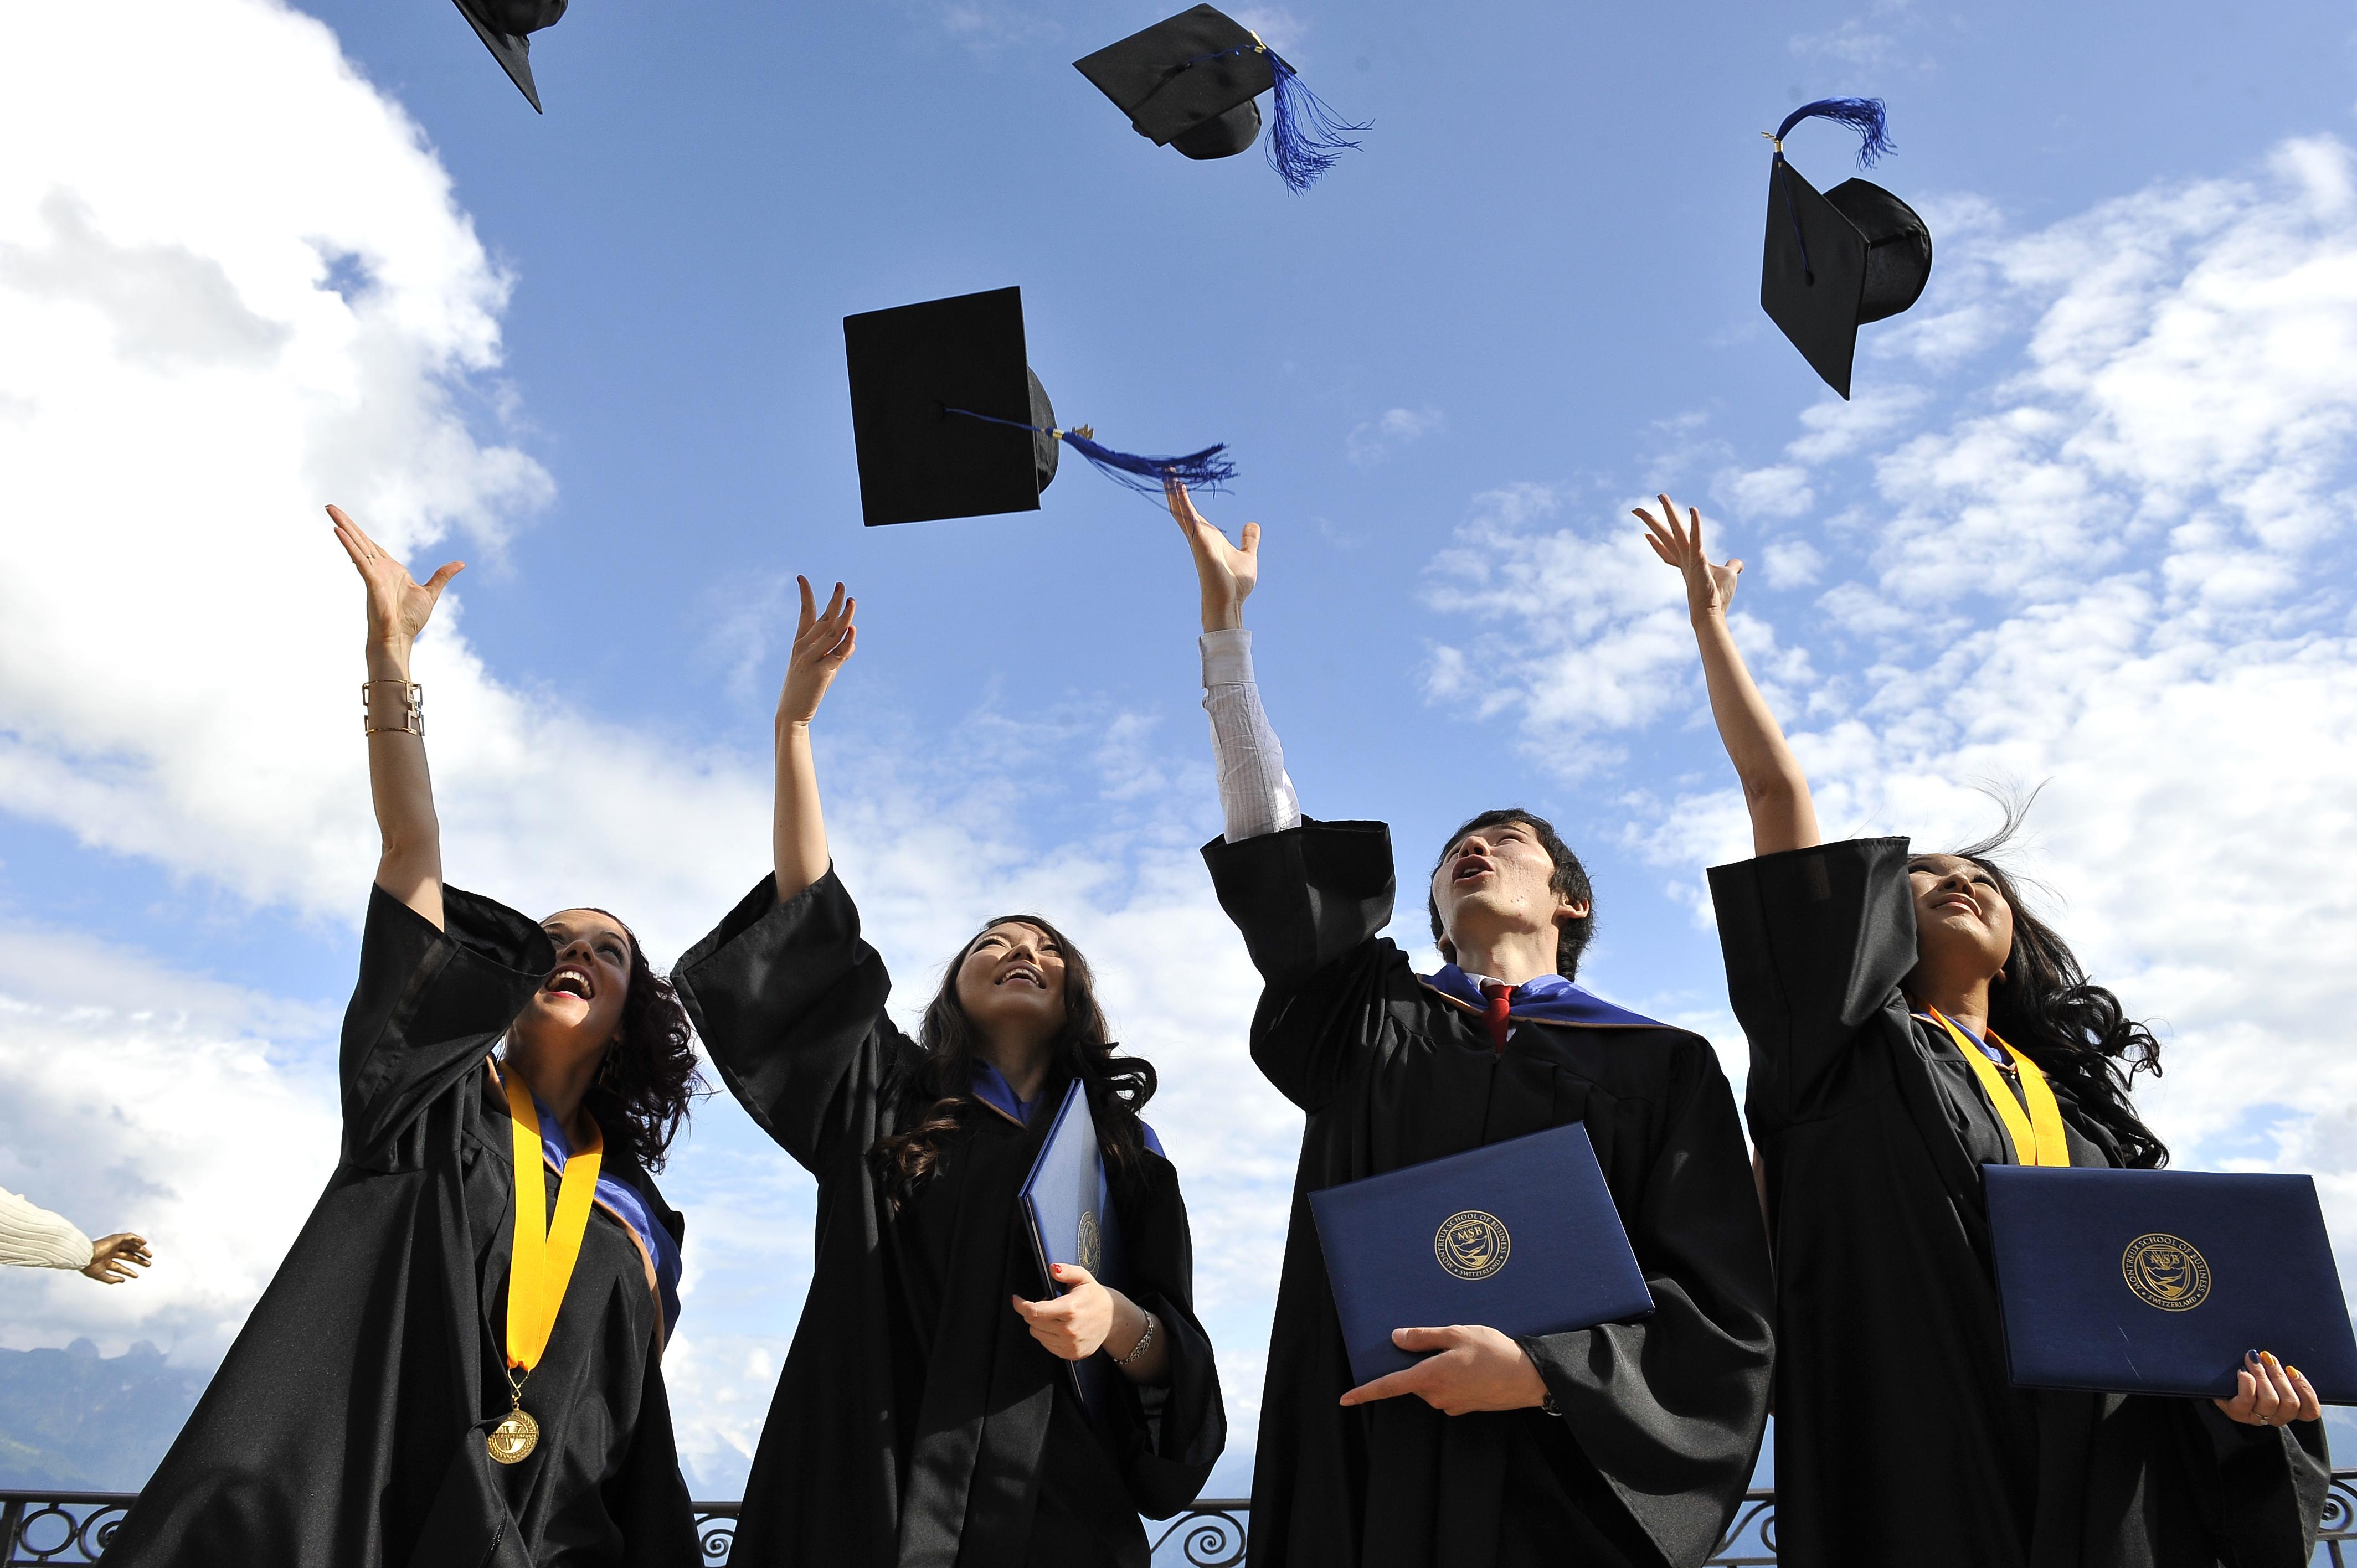 Почему выгодно учиться за границей и в особенности в ОАЭ  Почему выгодно учиться за границей и в особенности в ОАЭ